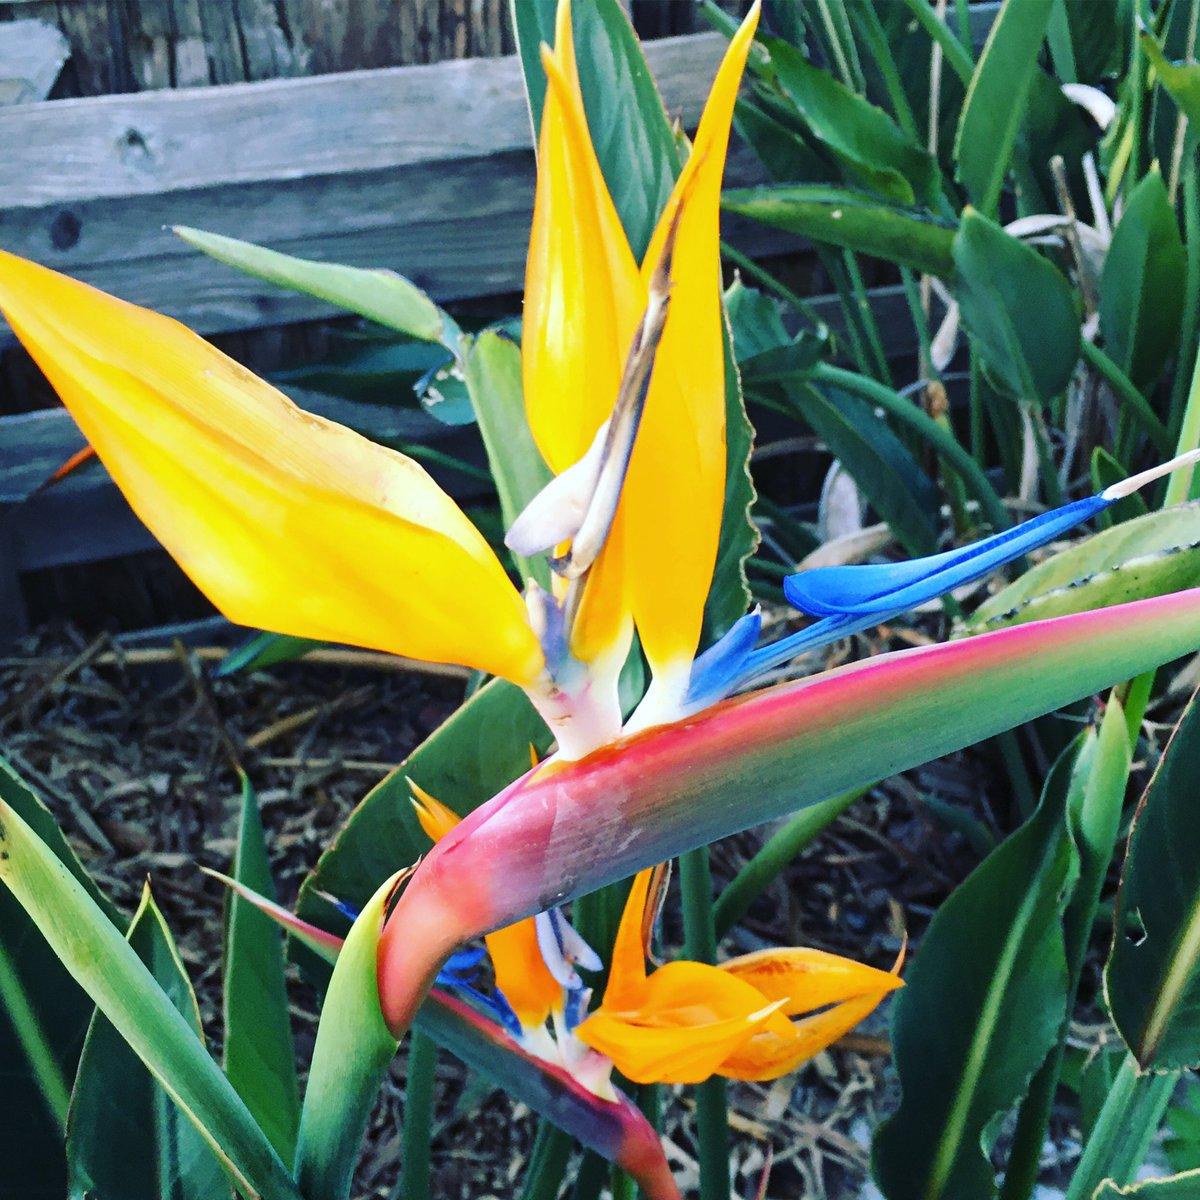 公園の天国の鳥が満開です🌷🌸🌺🌻 #ストレチア #極楽鳥花 #天国の鳥 #花 #フラワー #エキゾチックな花 #大きく厚みのある葉 #鳥に似た花